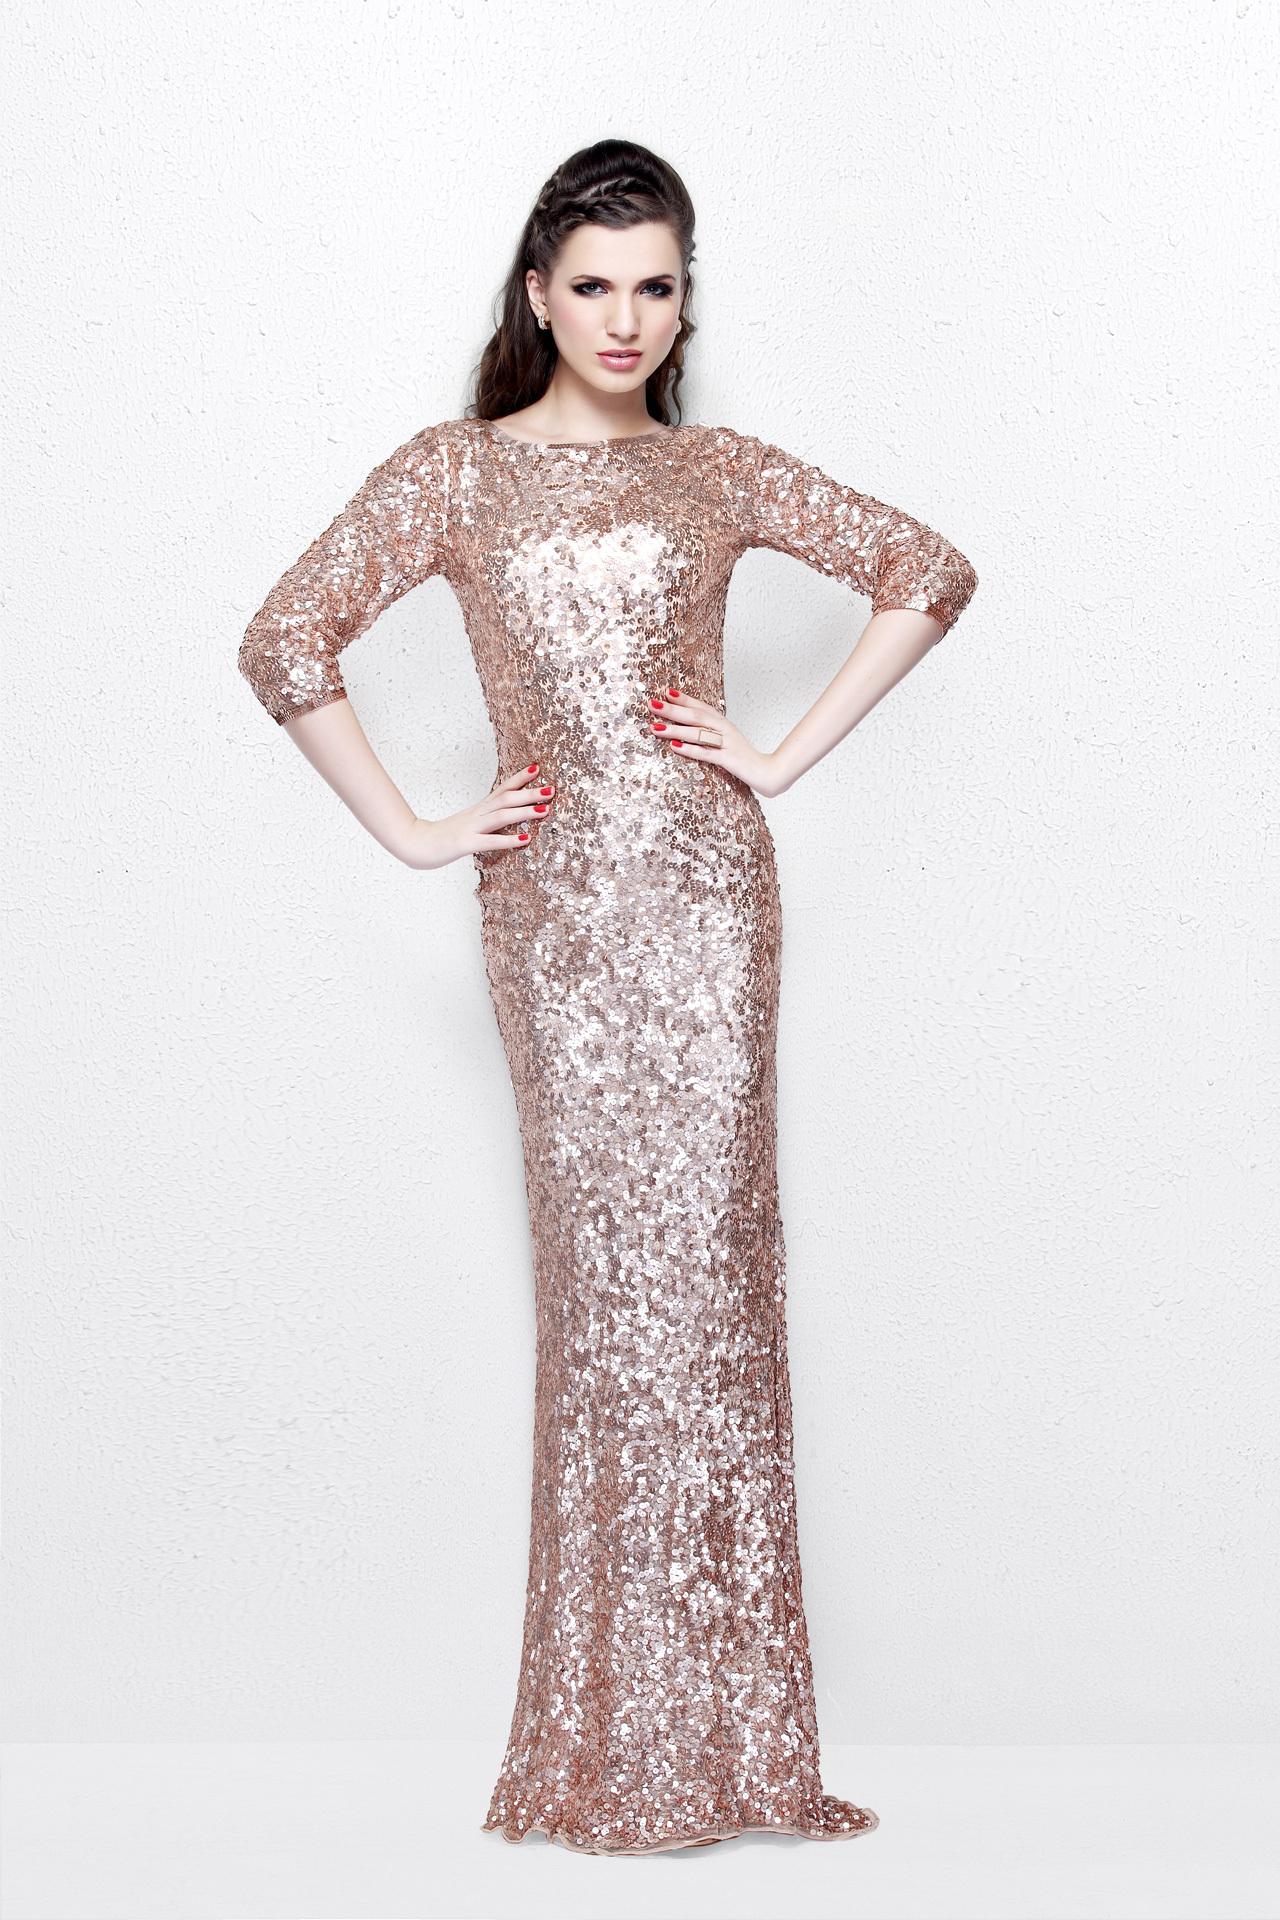 Emeli 19506 платье в пол пудрового цвета и расшито пайетками по всей длине и длинные рукава